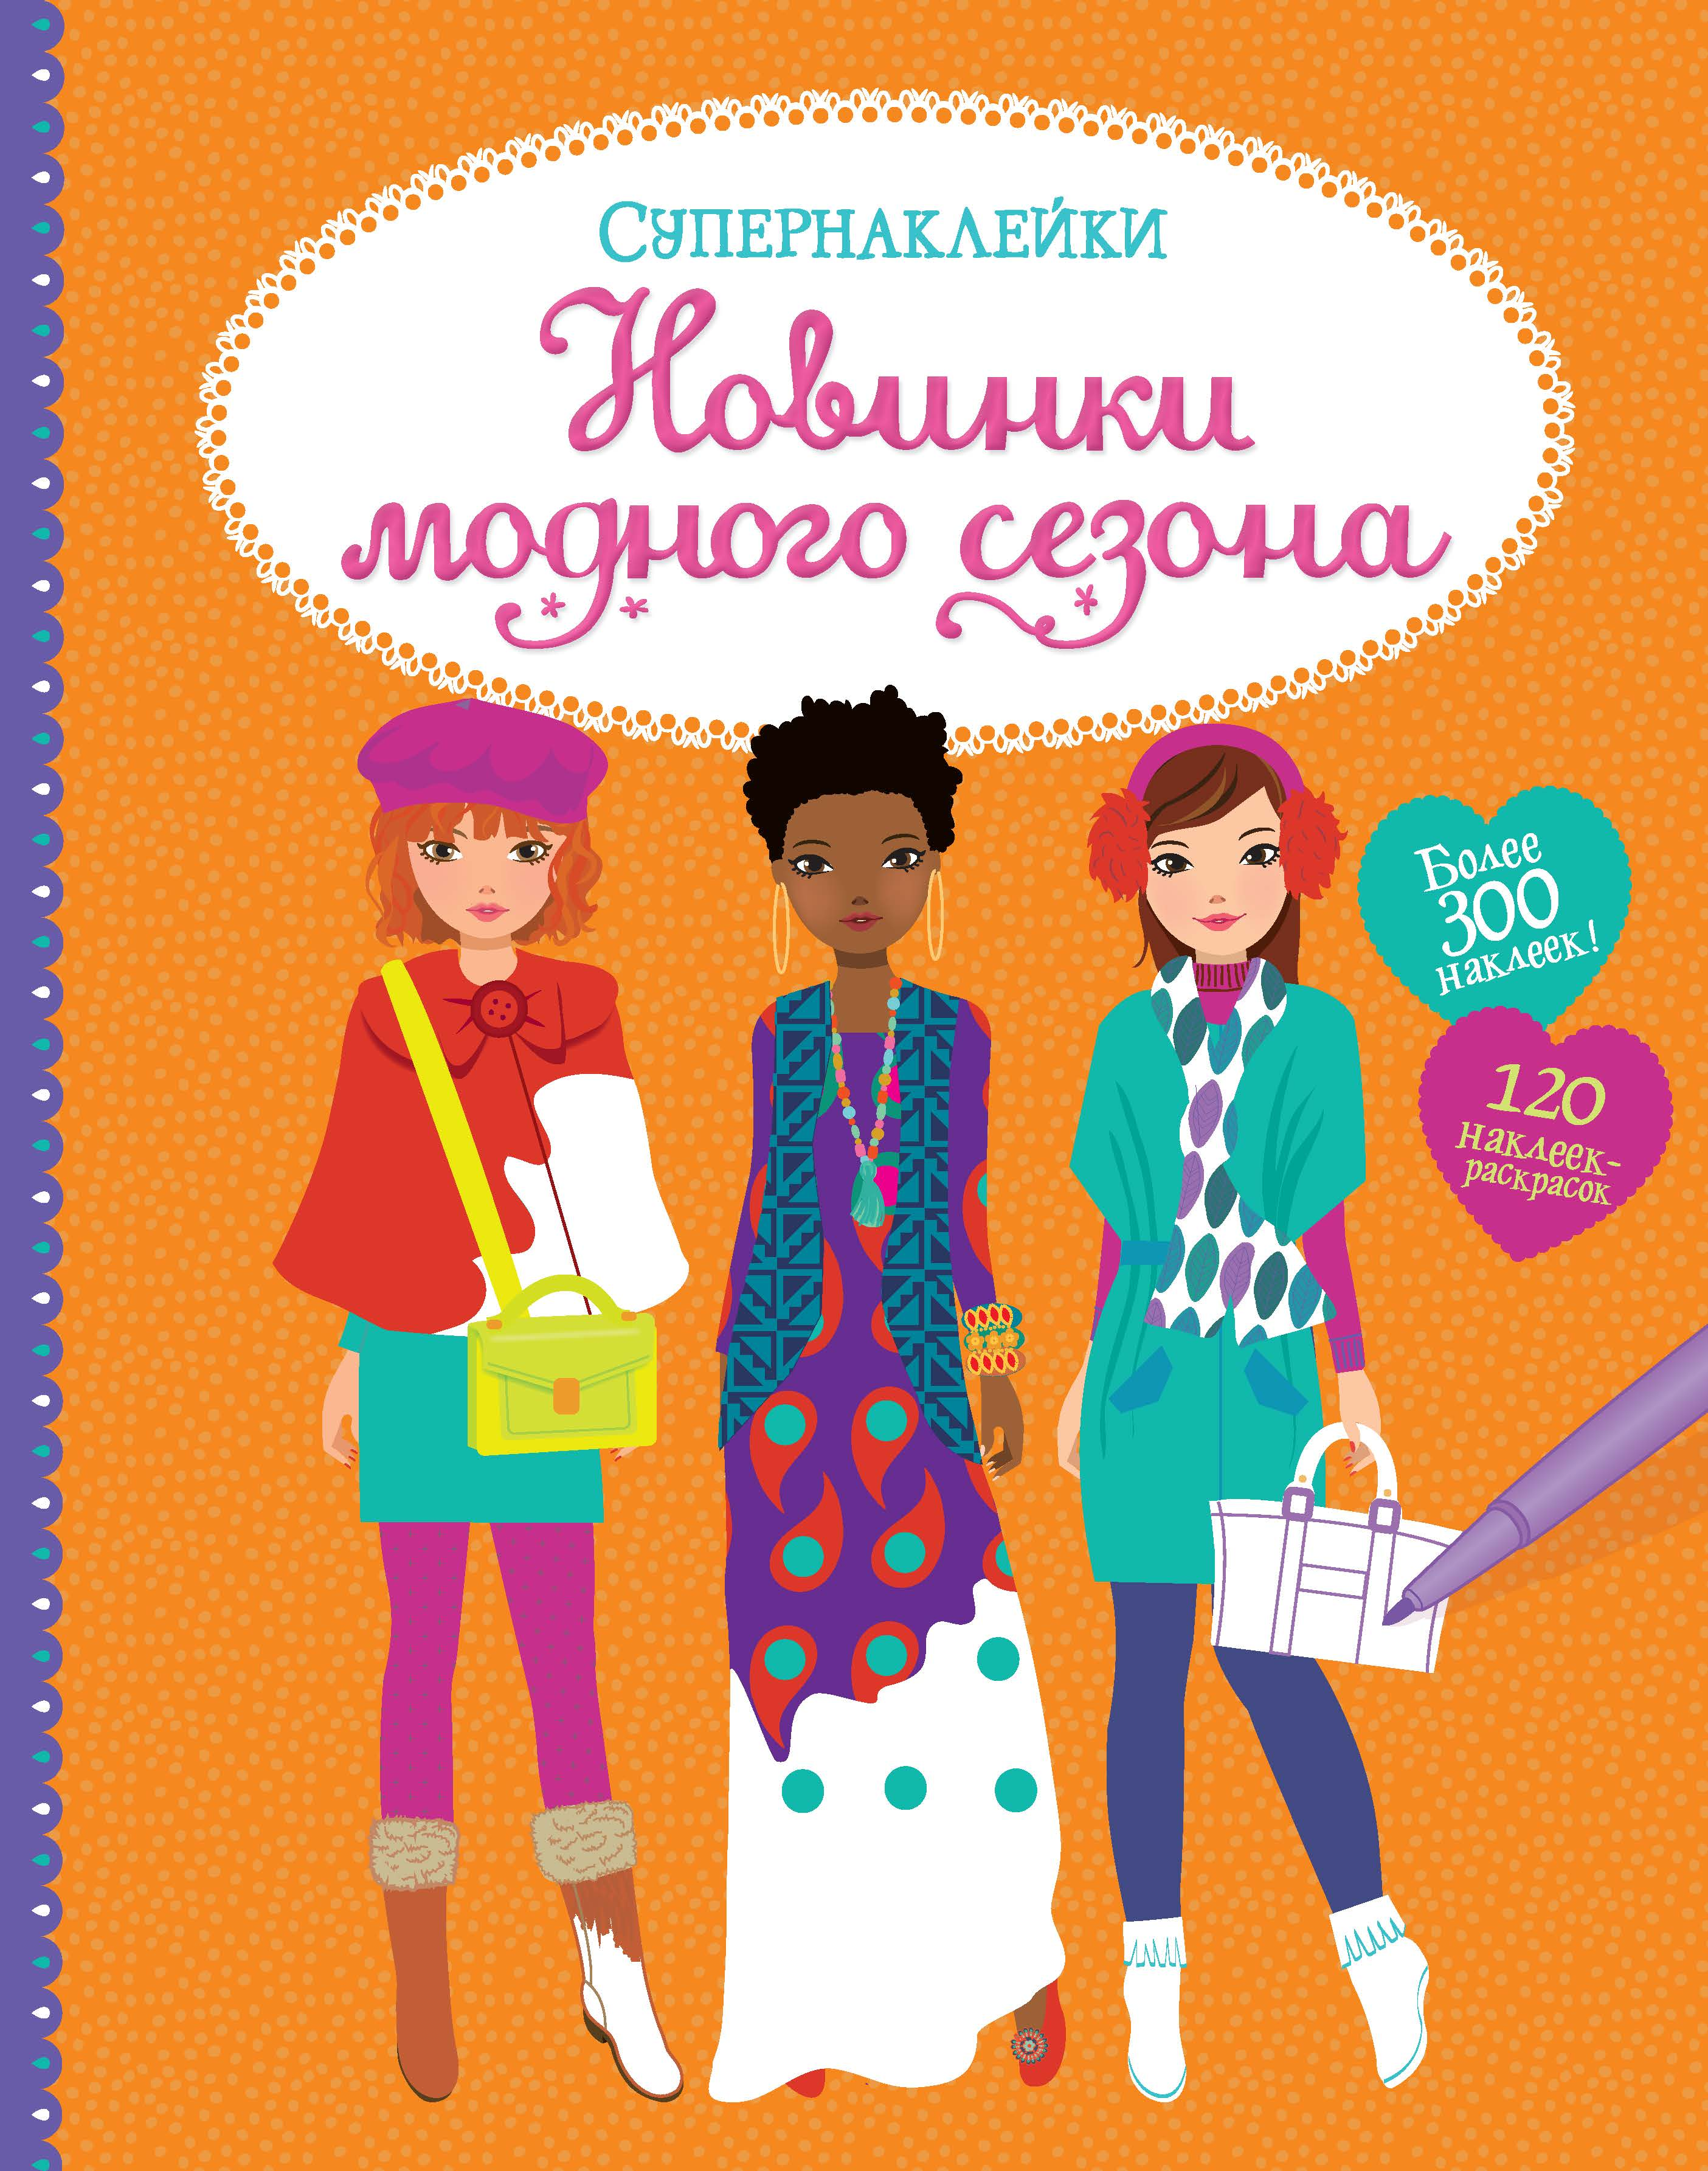 Новинки модного сезона, Книга-игра  - купить со скидкой